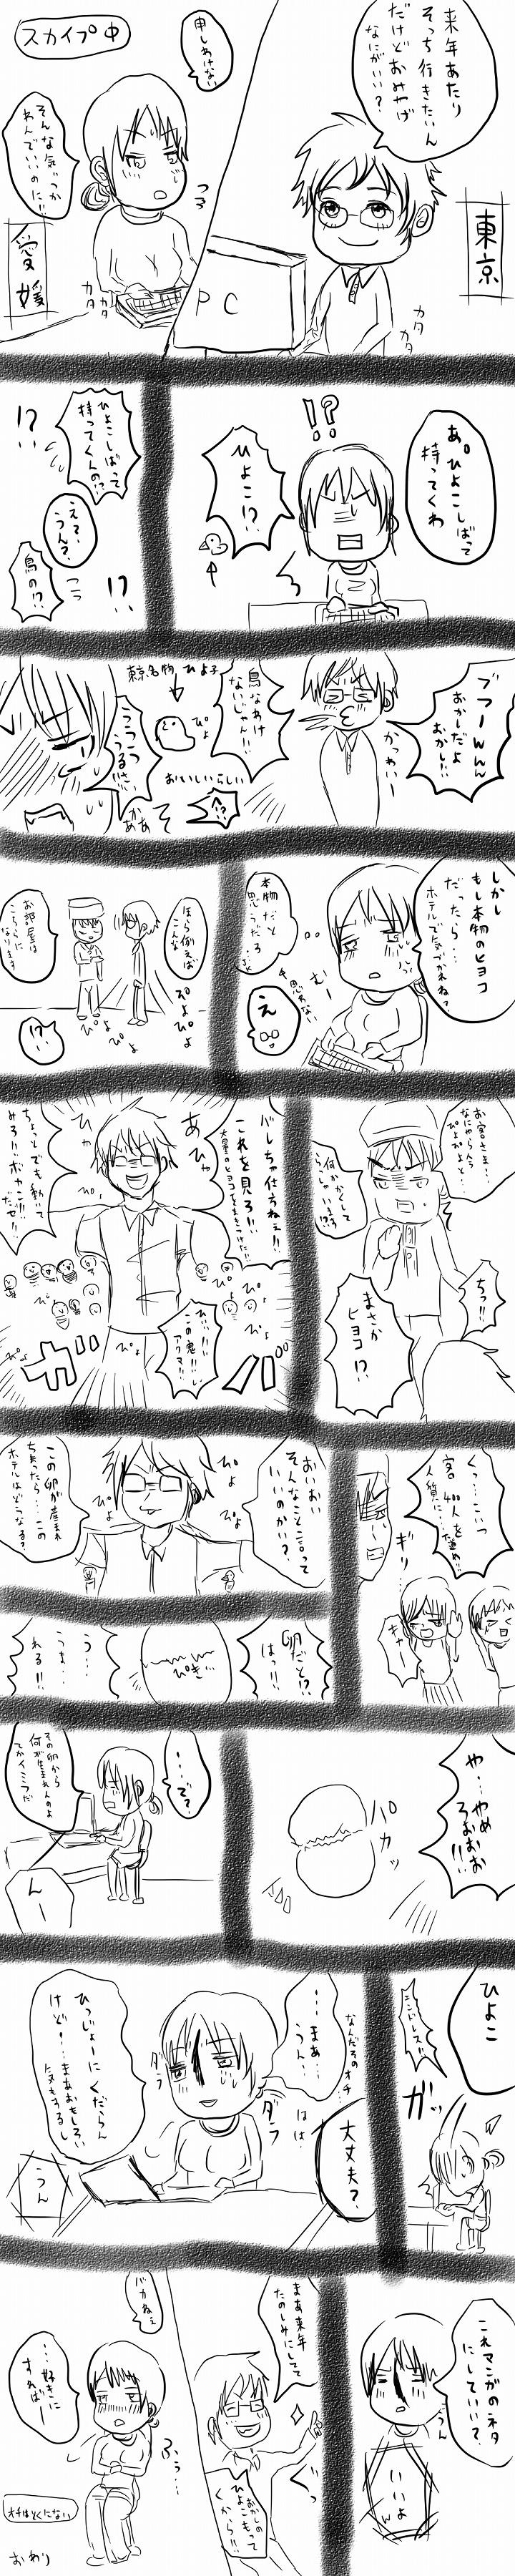 【実録漫画】ひよこ爆弾